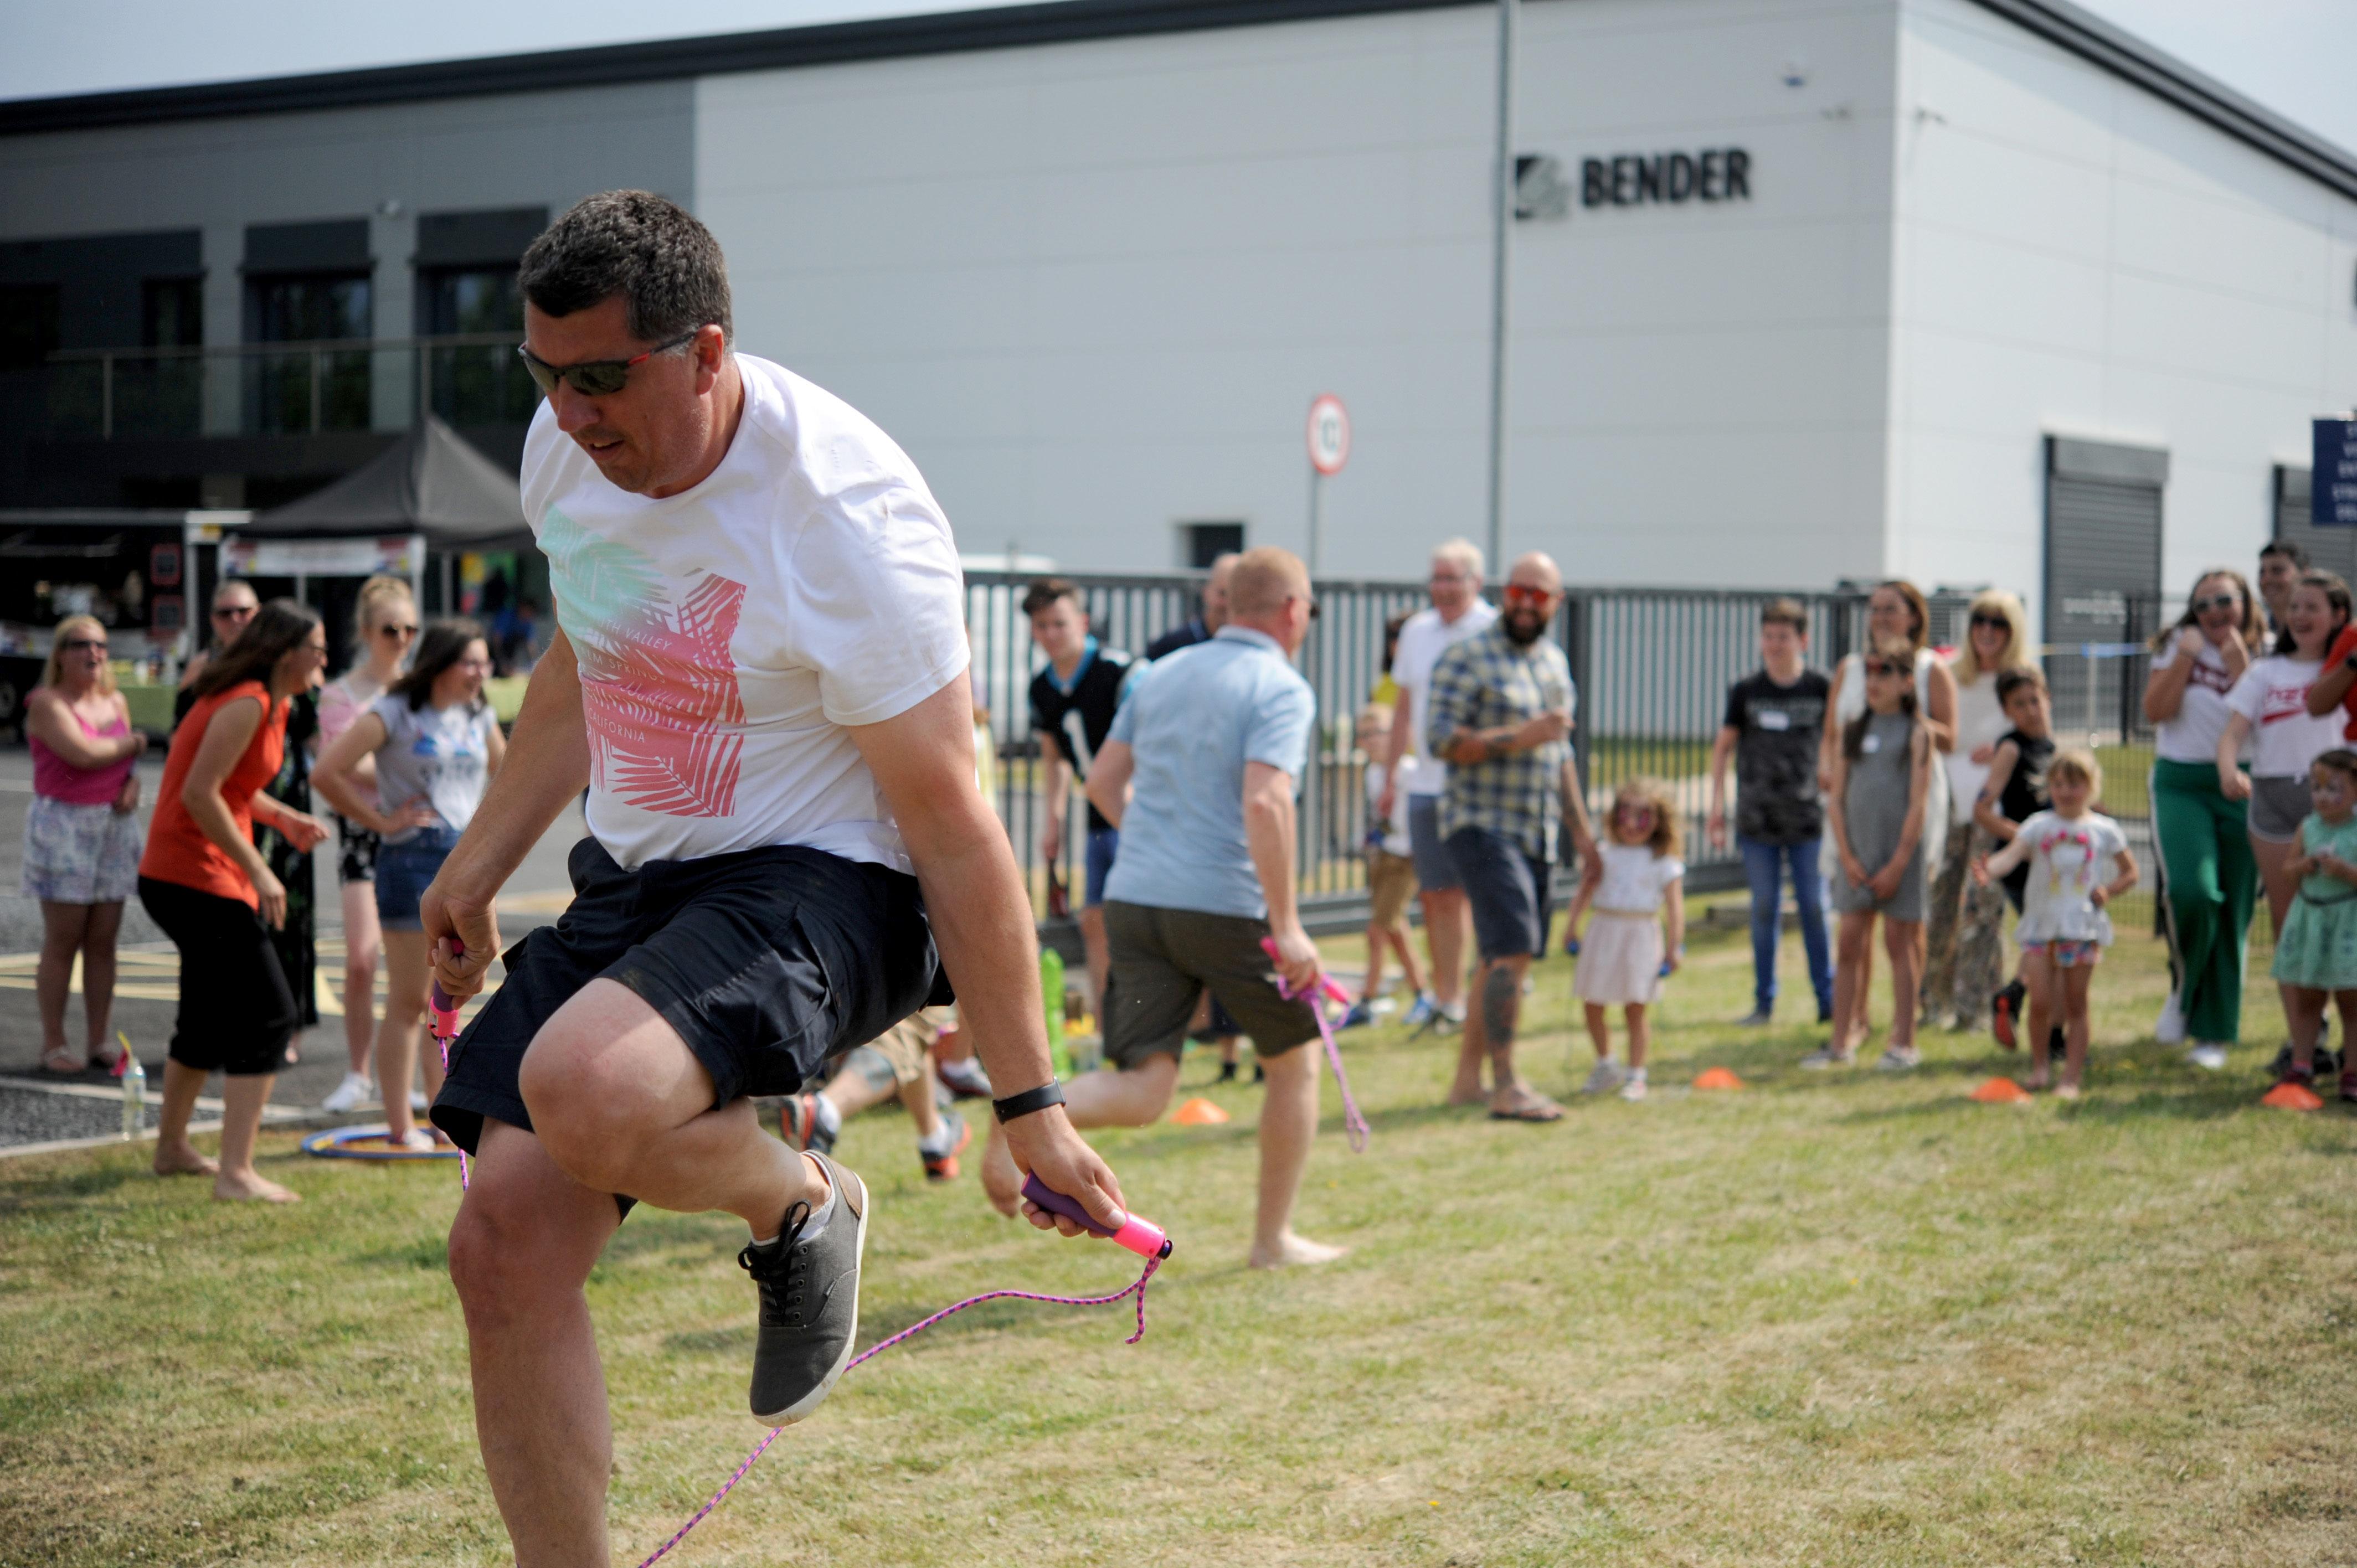 Bender UK Family Fun-day Raffle raises £1,000 for Sandside School